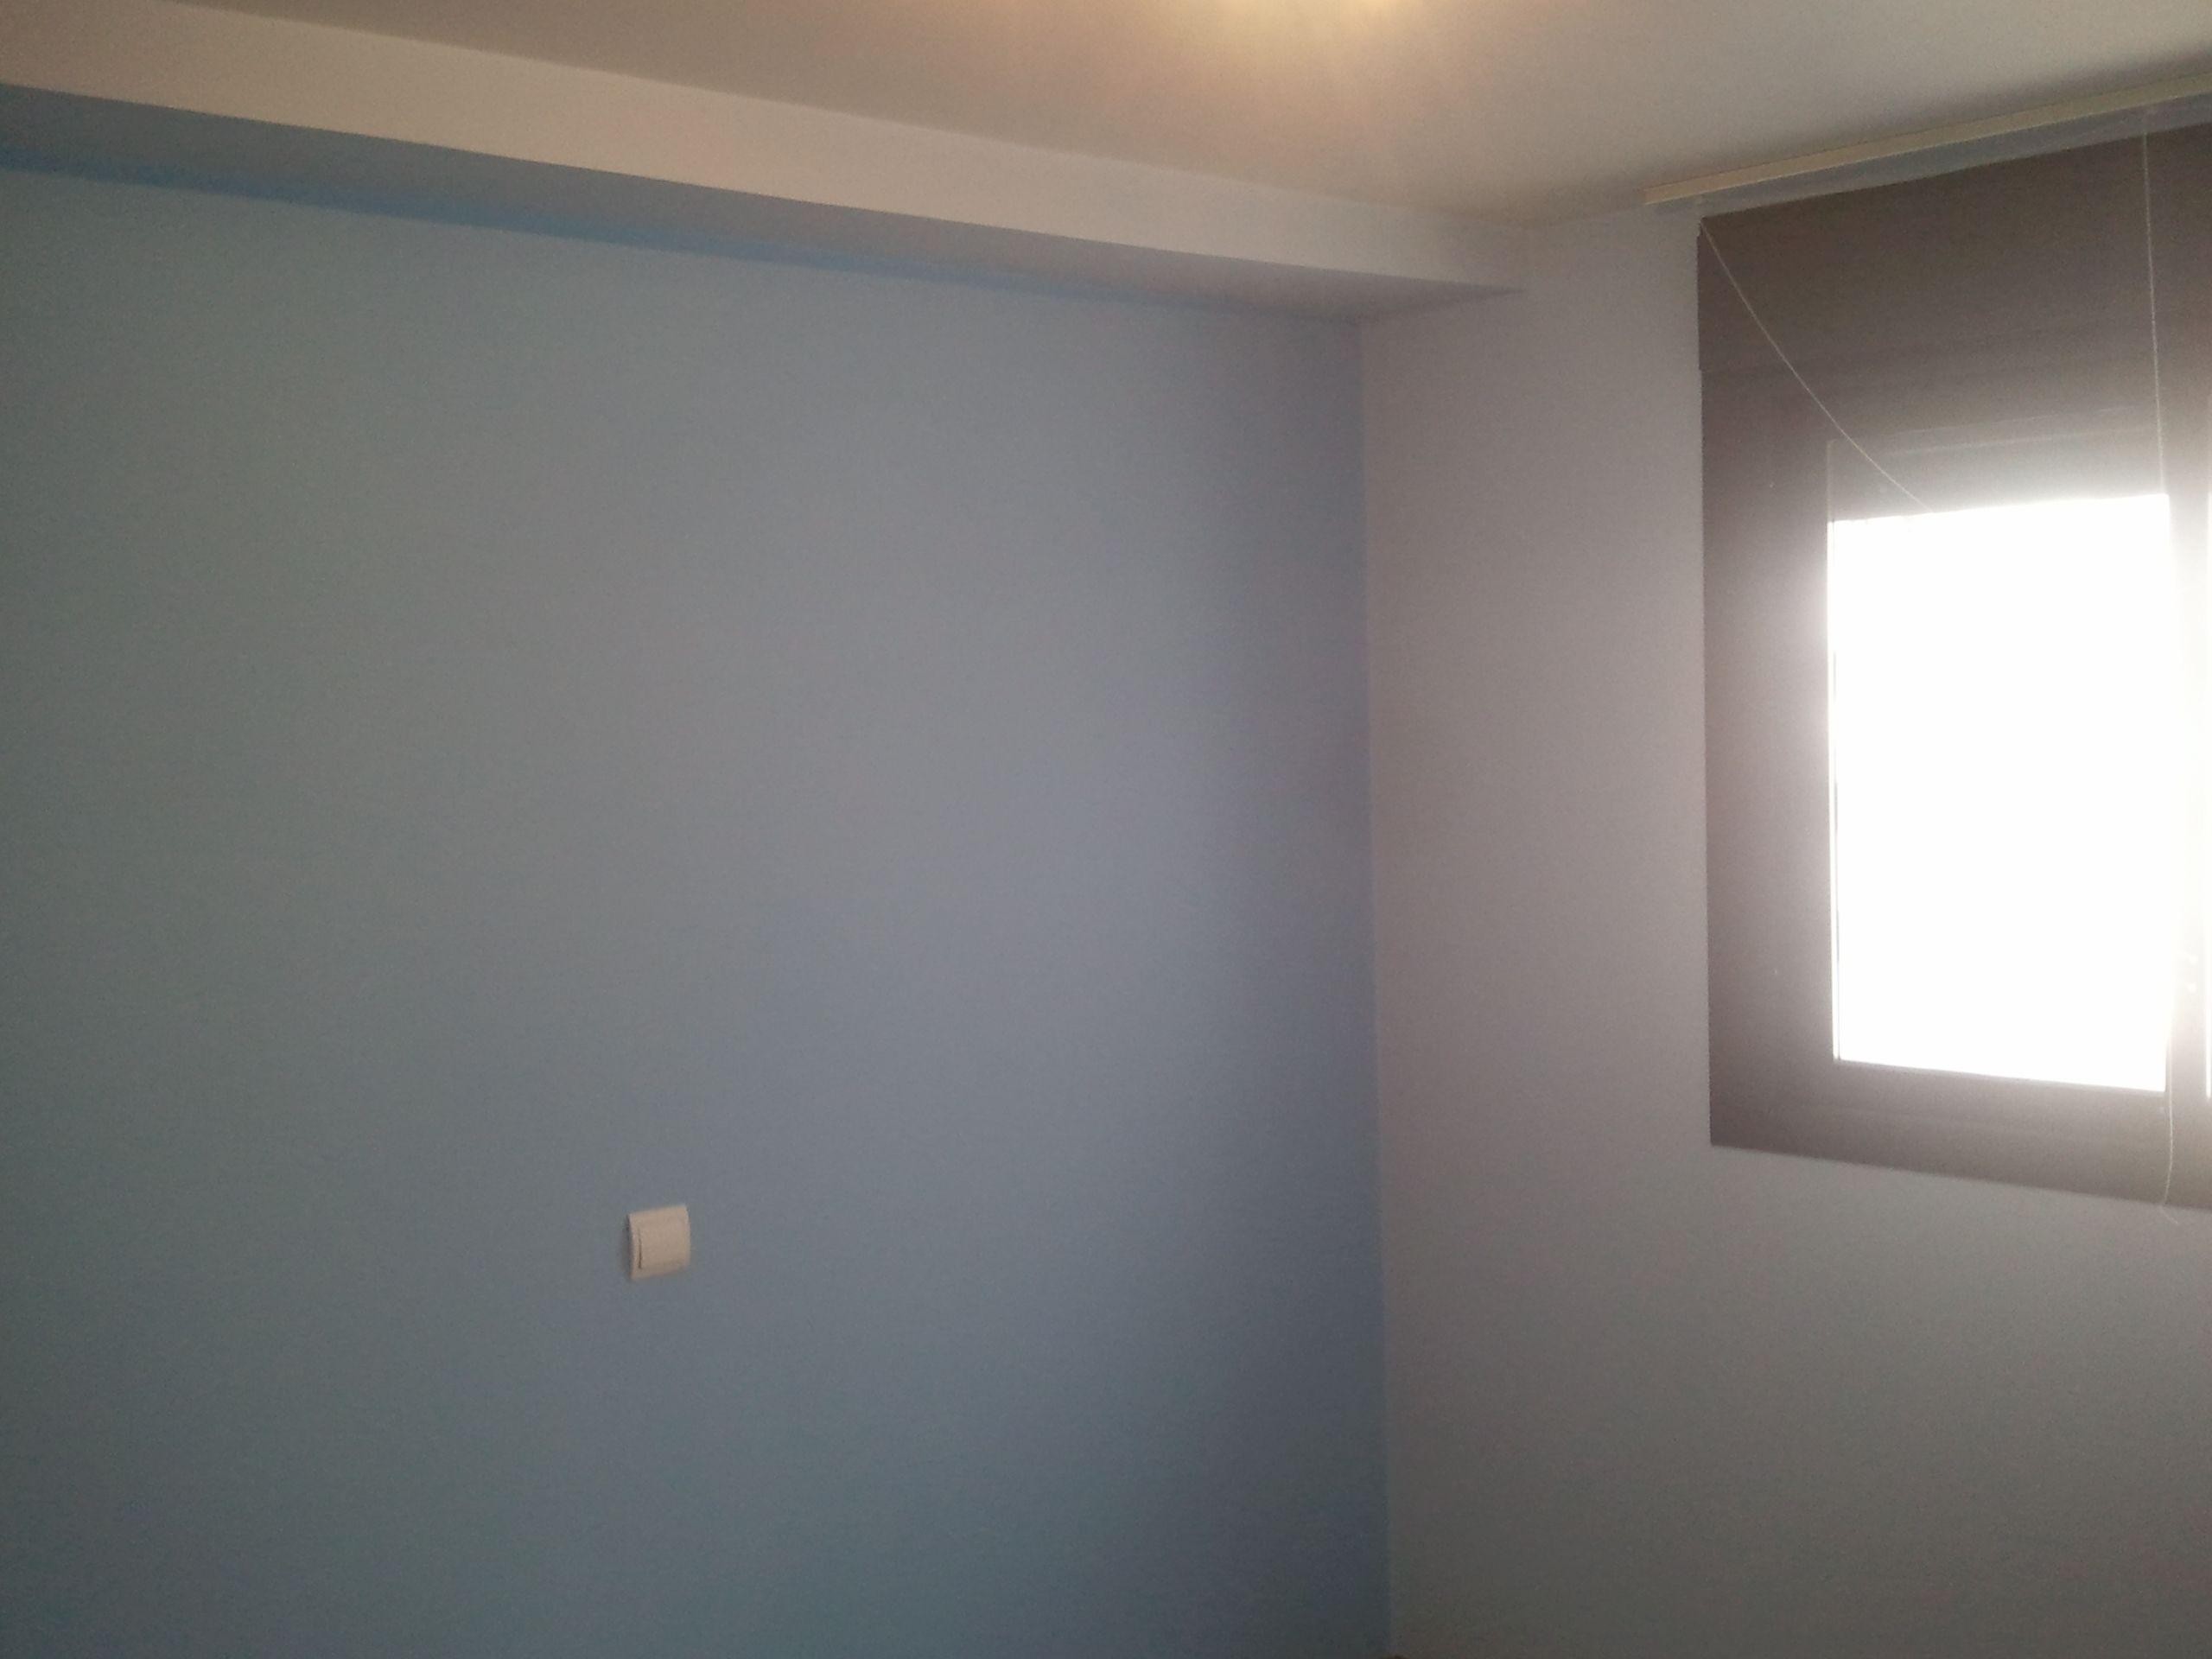 Plastico color azul oscuro y claro (2)